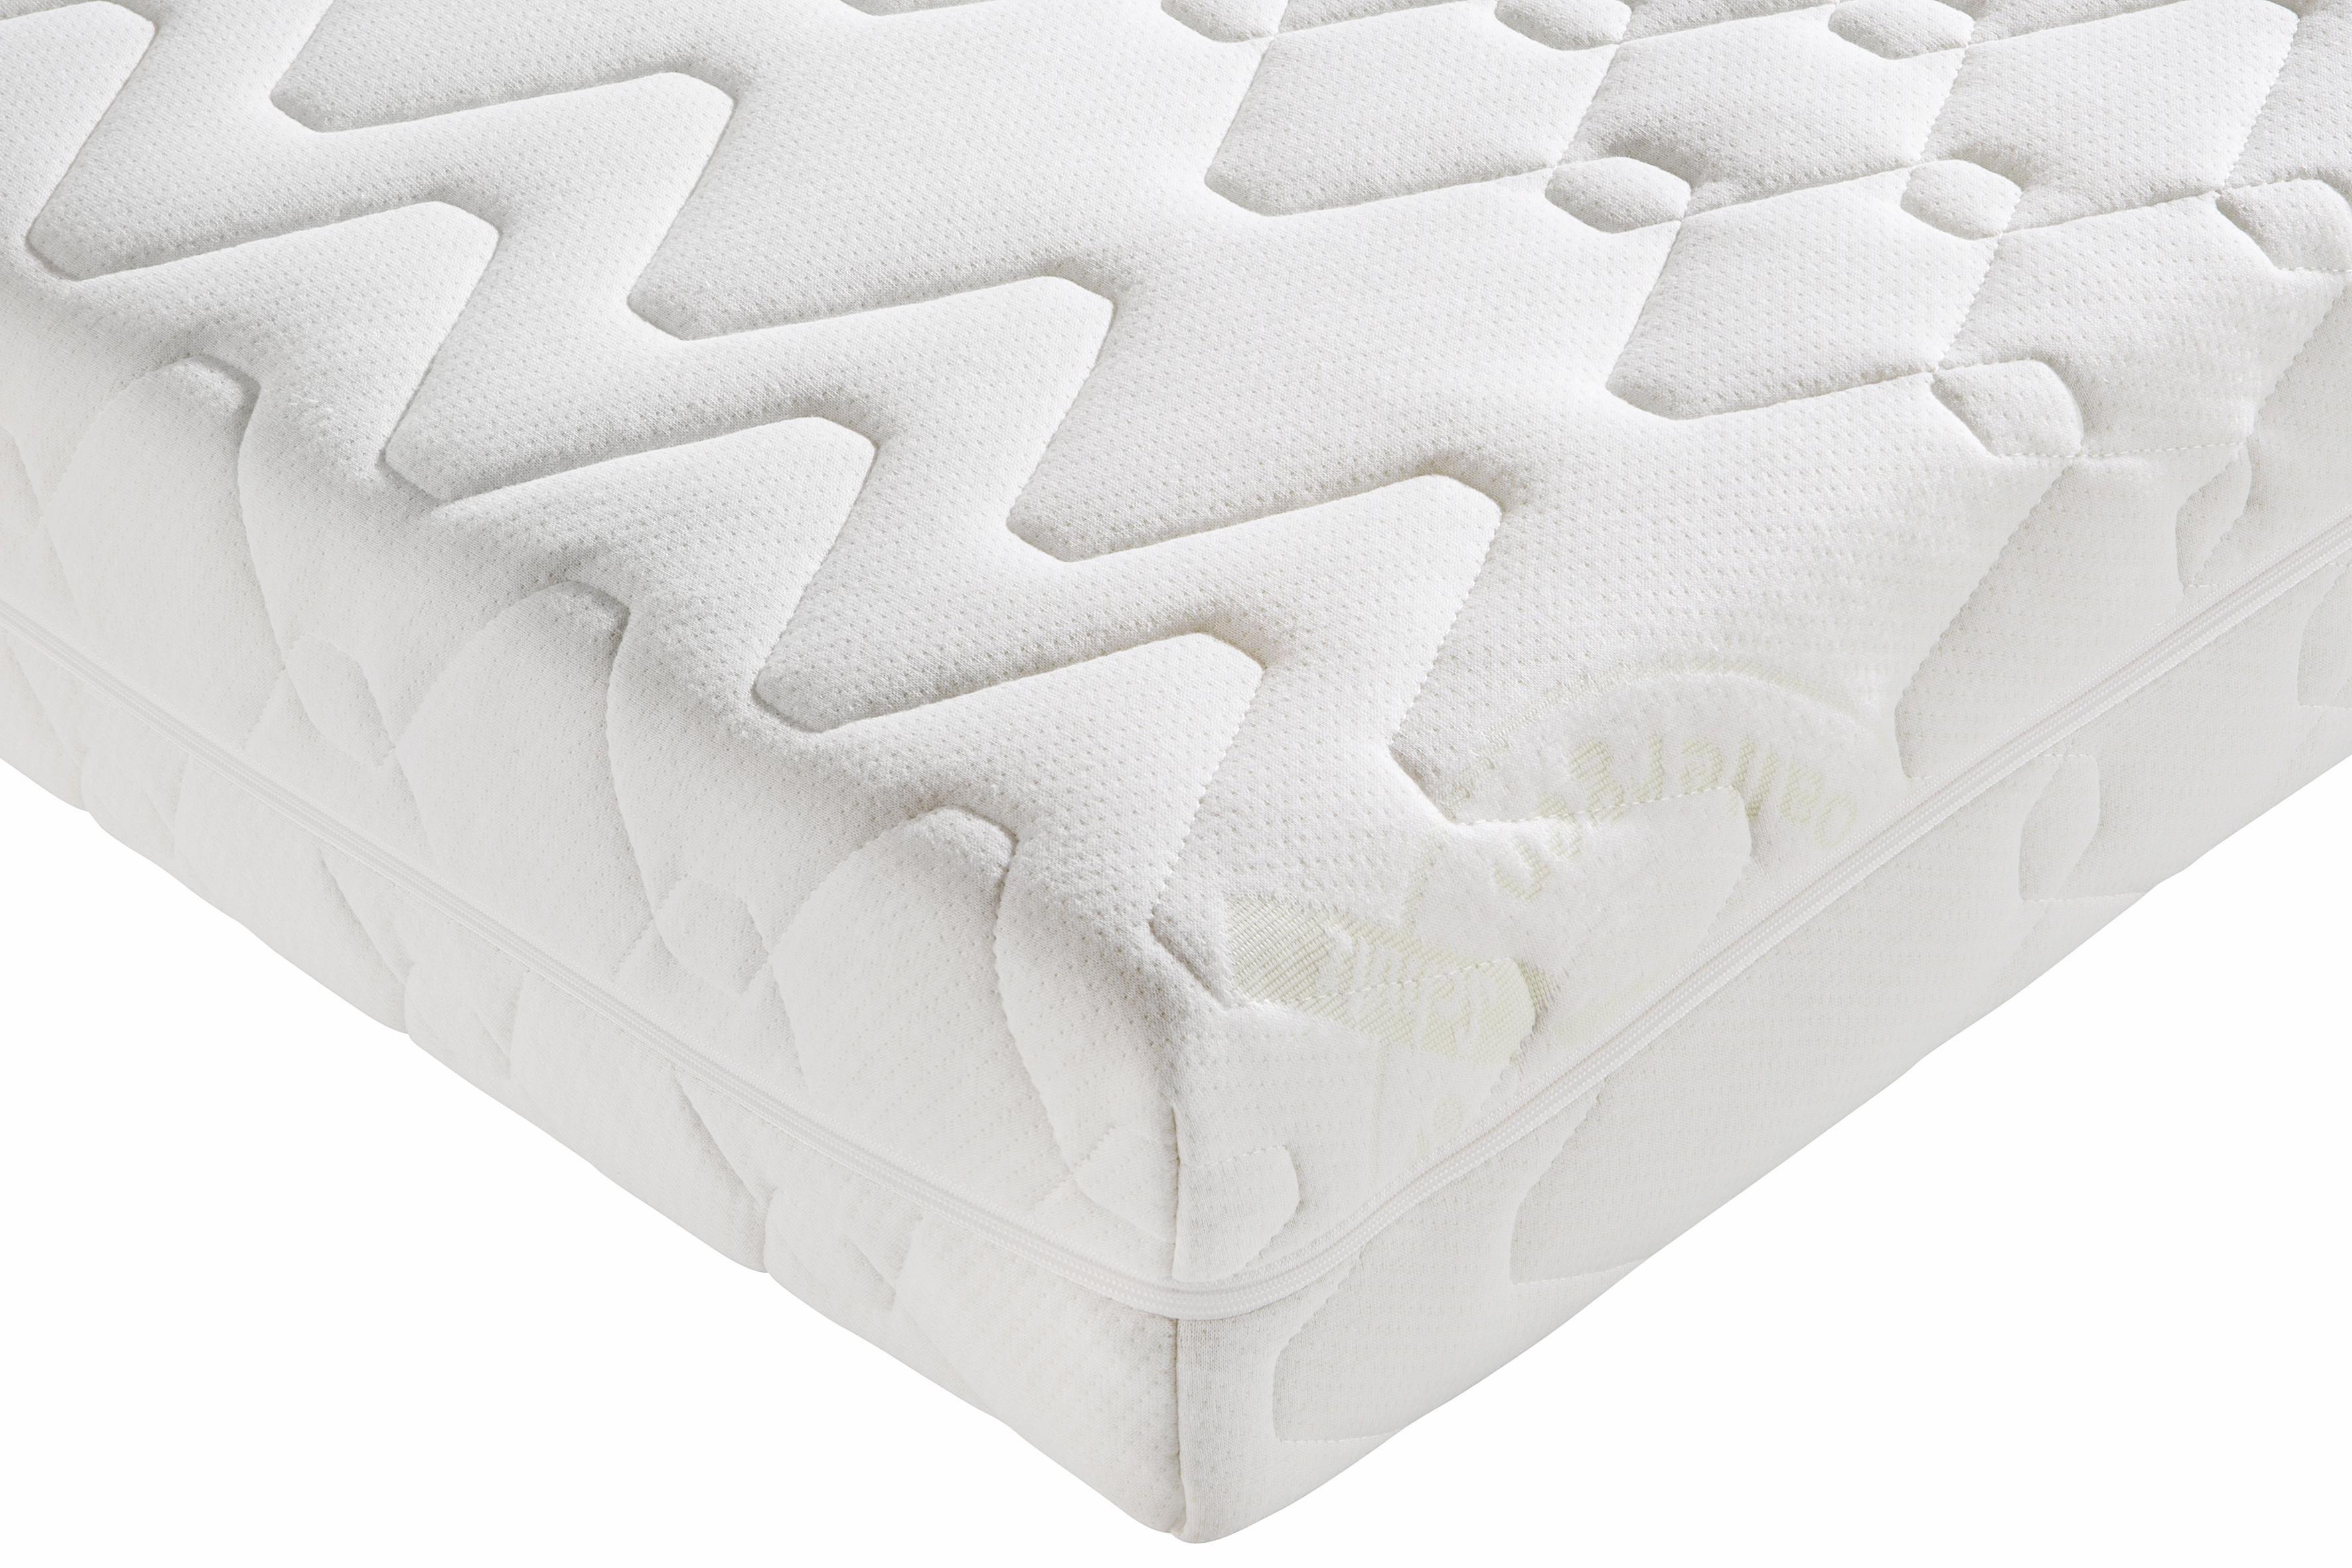 malie pocketveringsmatras polar online kopen otto. Black Bedroom Furniture Sets. Home Design Ideas